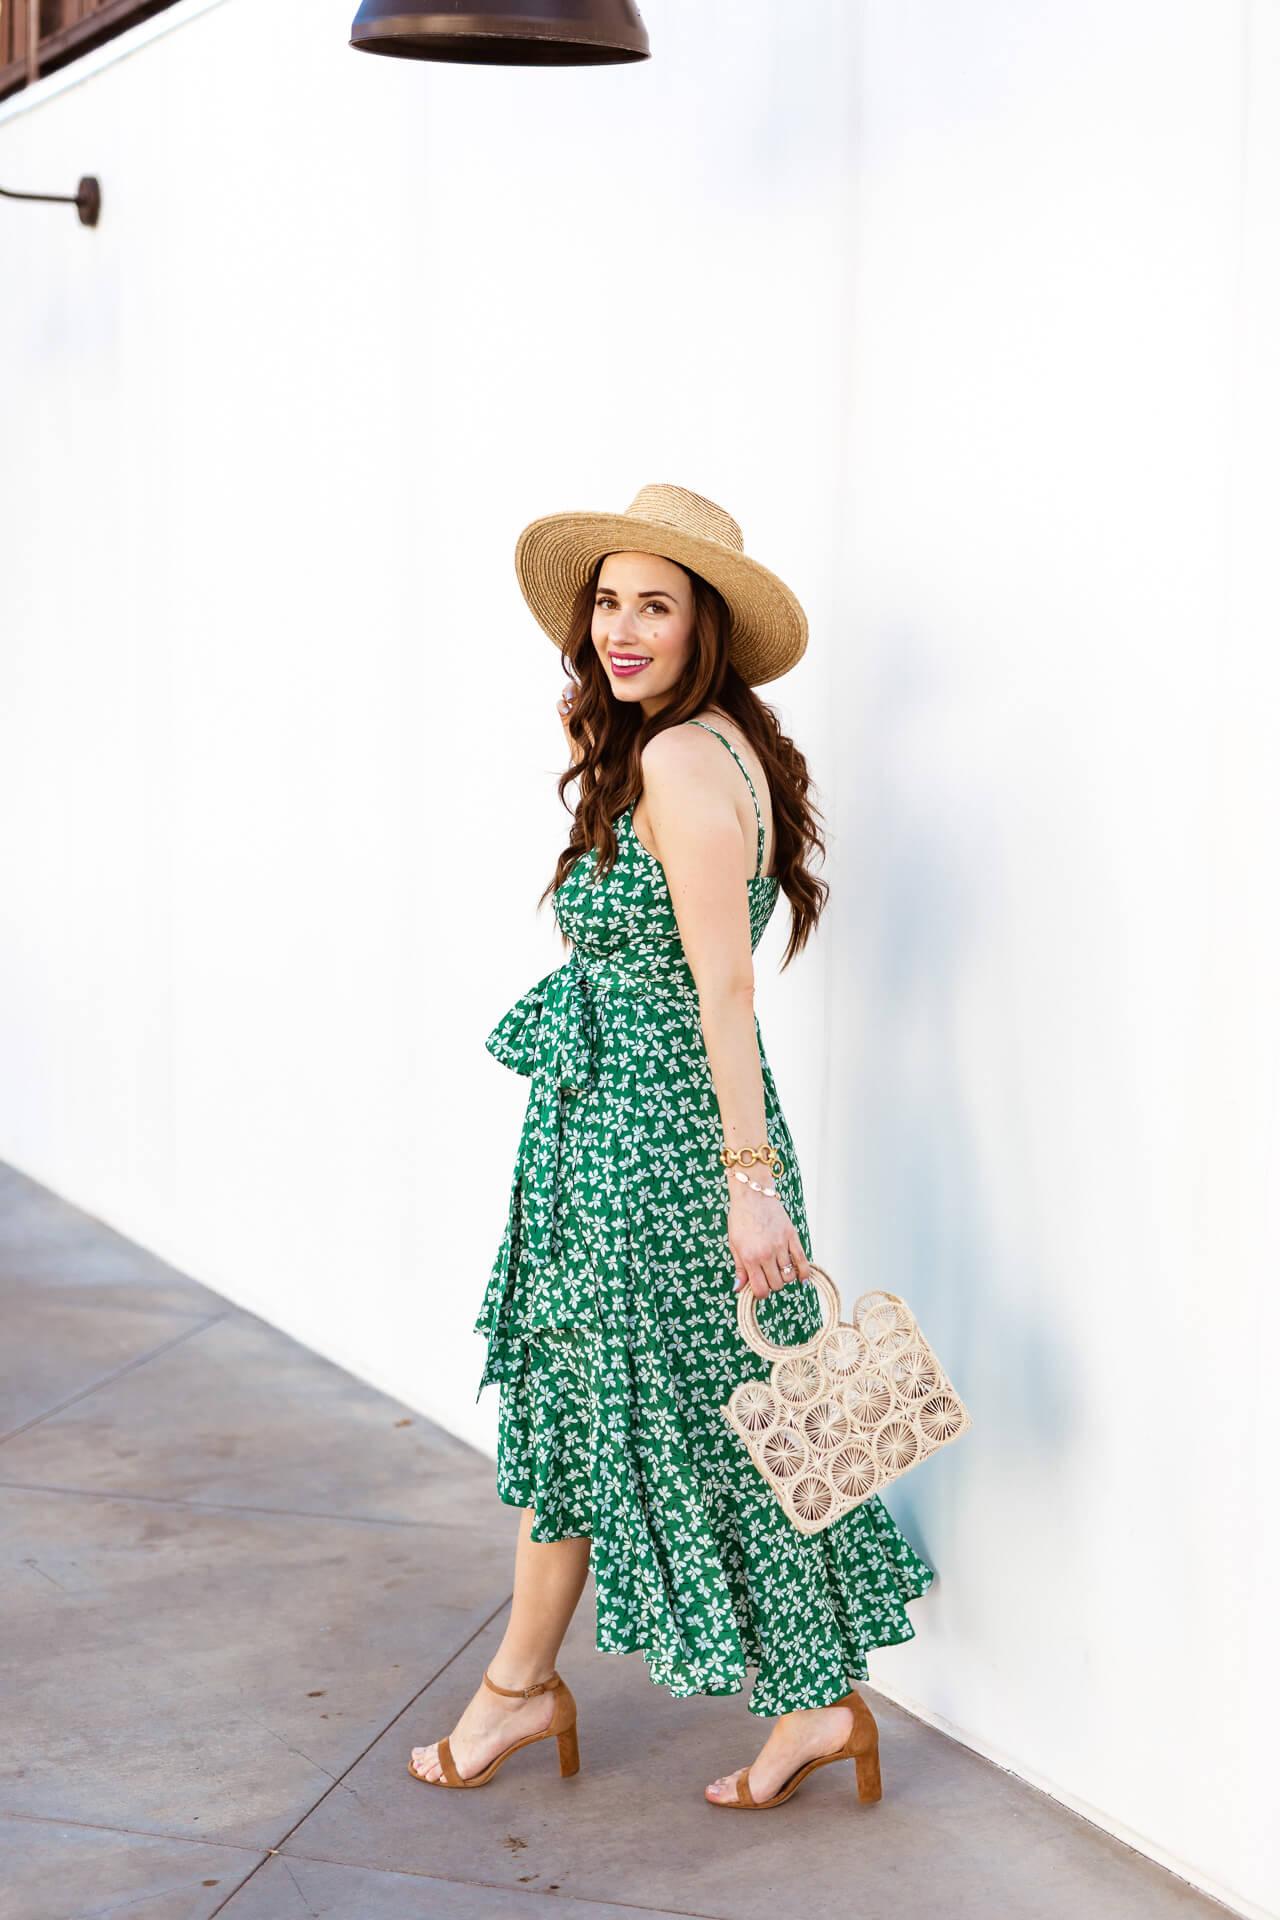 The prettiest green floral dress! - M Loves M @marmar